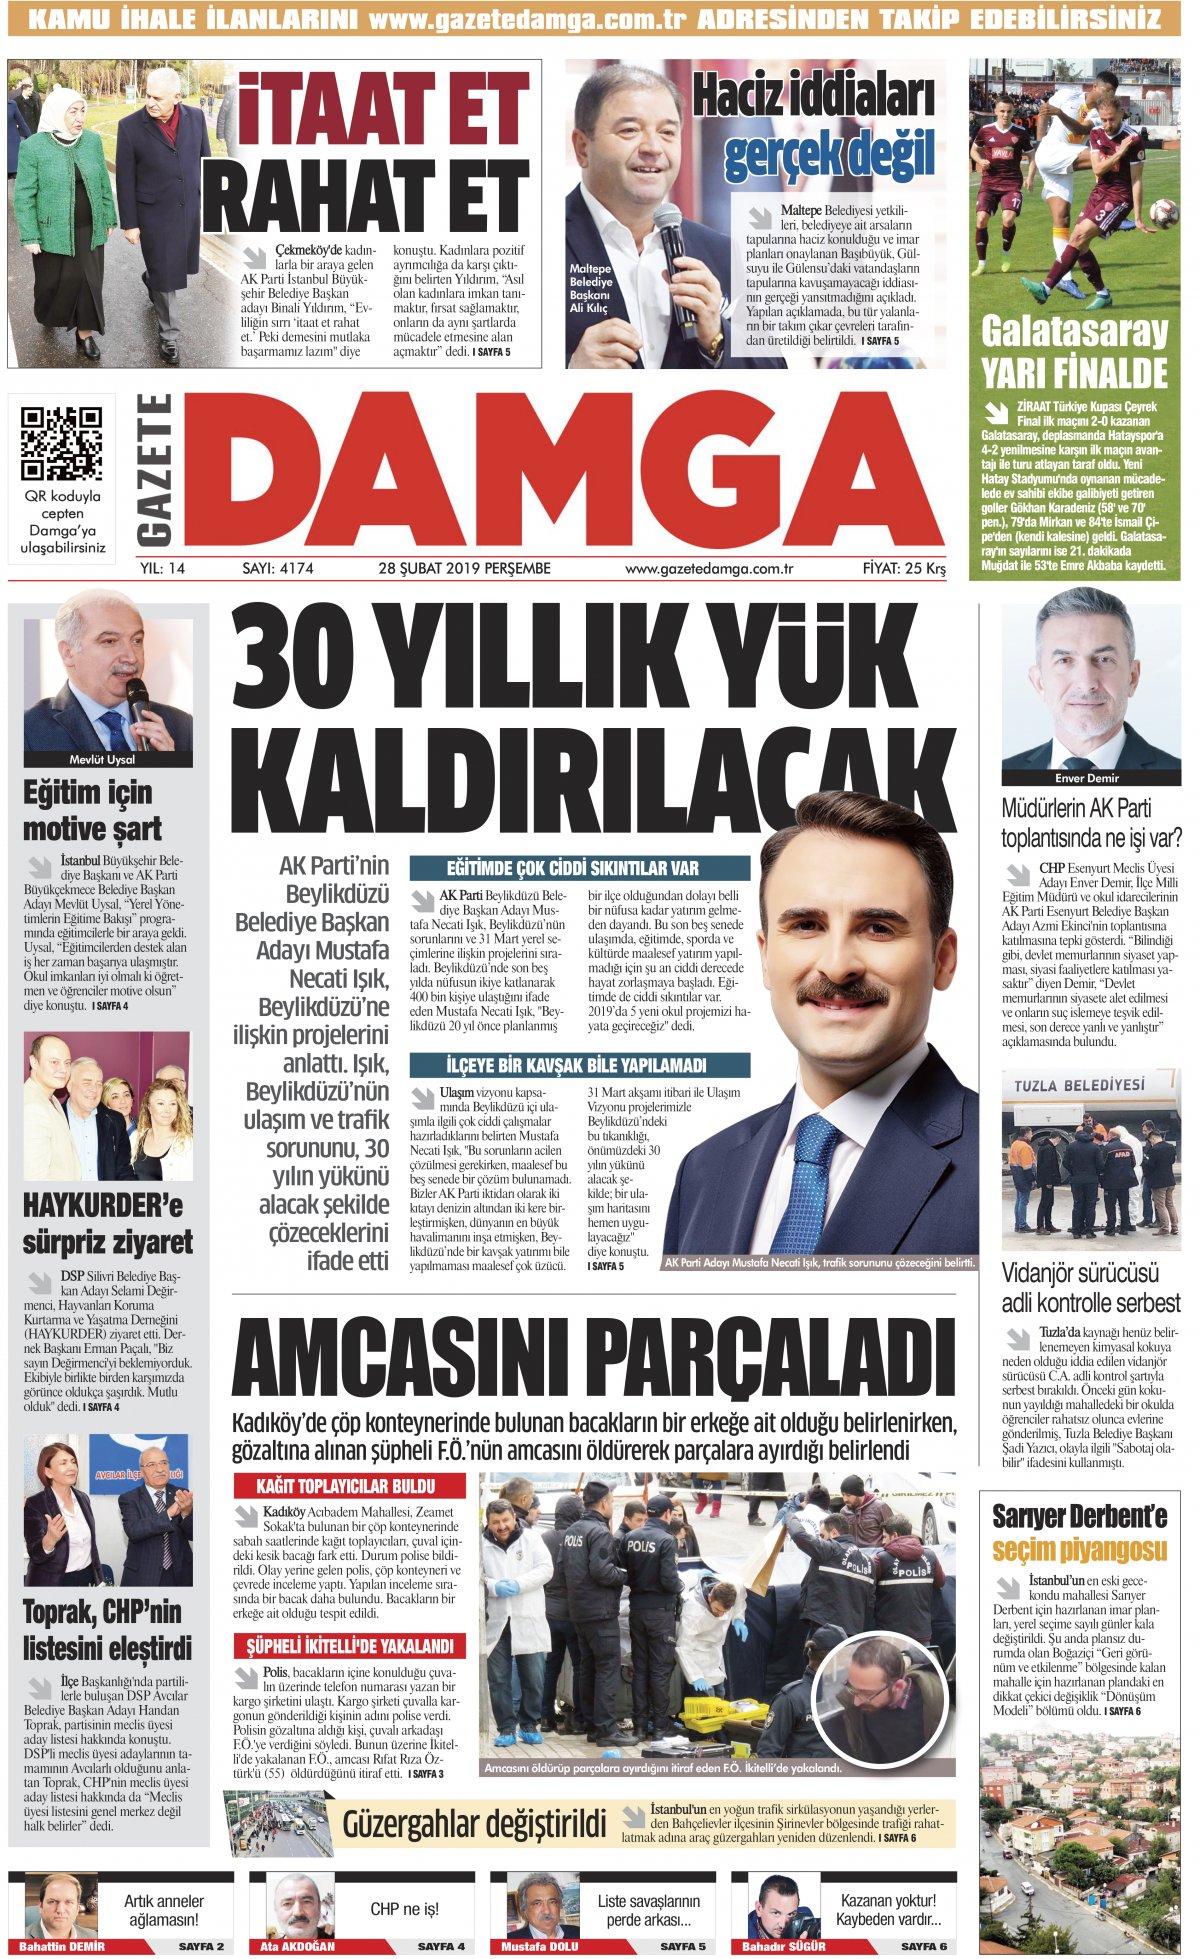 Gazete Damga - 28.02.2019 Sayfaları